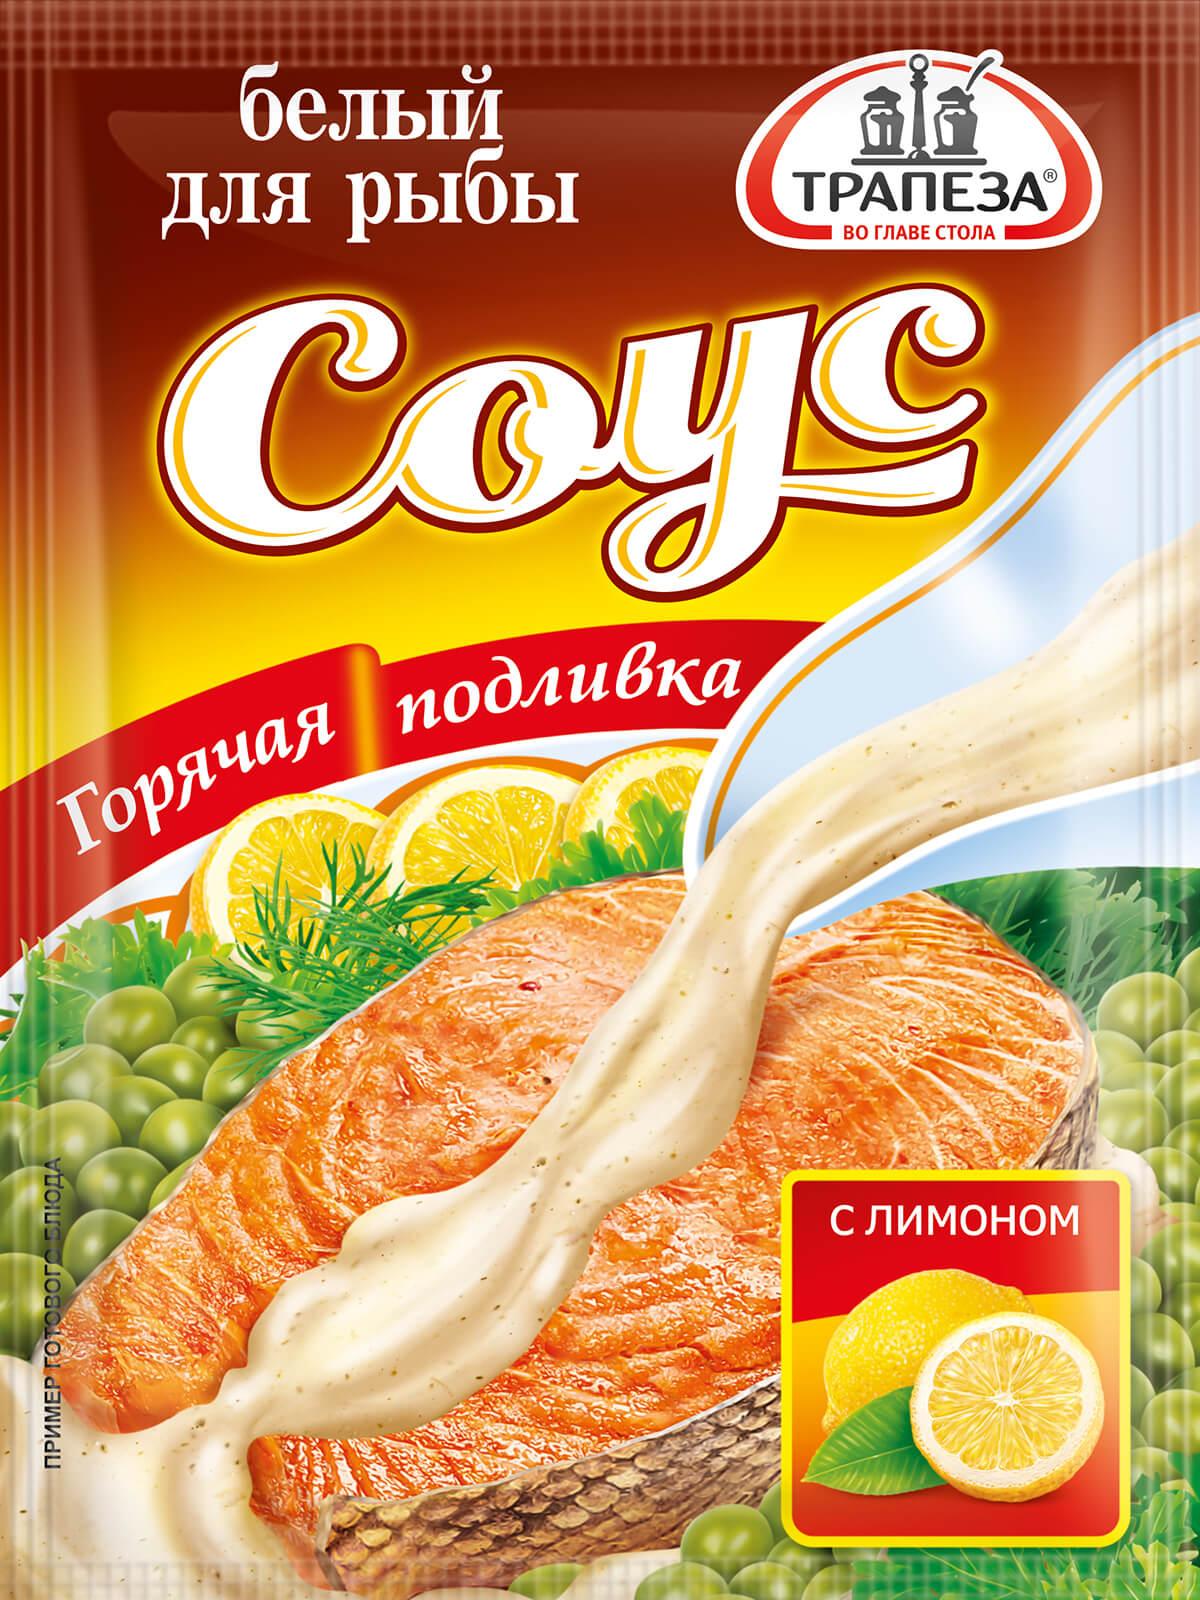 Соус белый для рыбы Трапеза